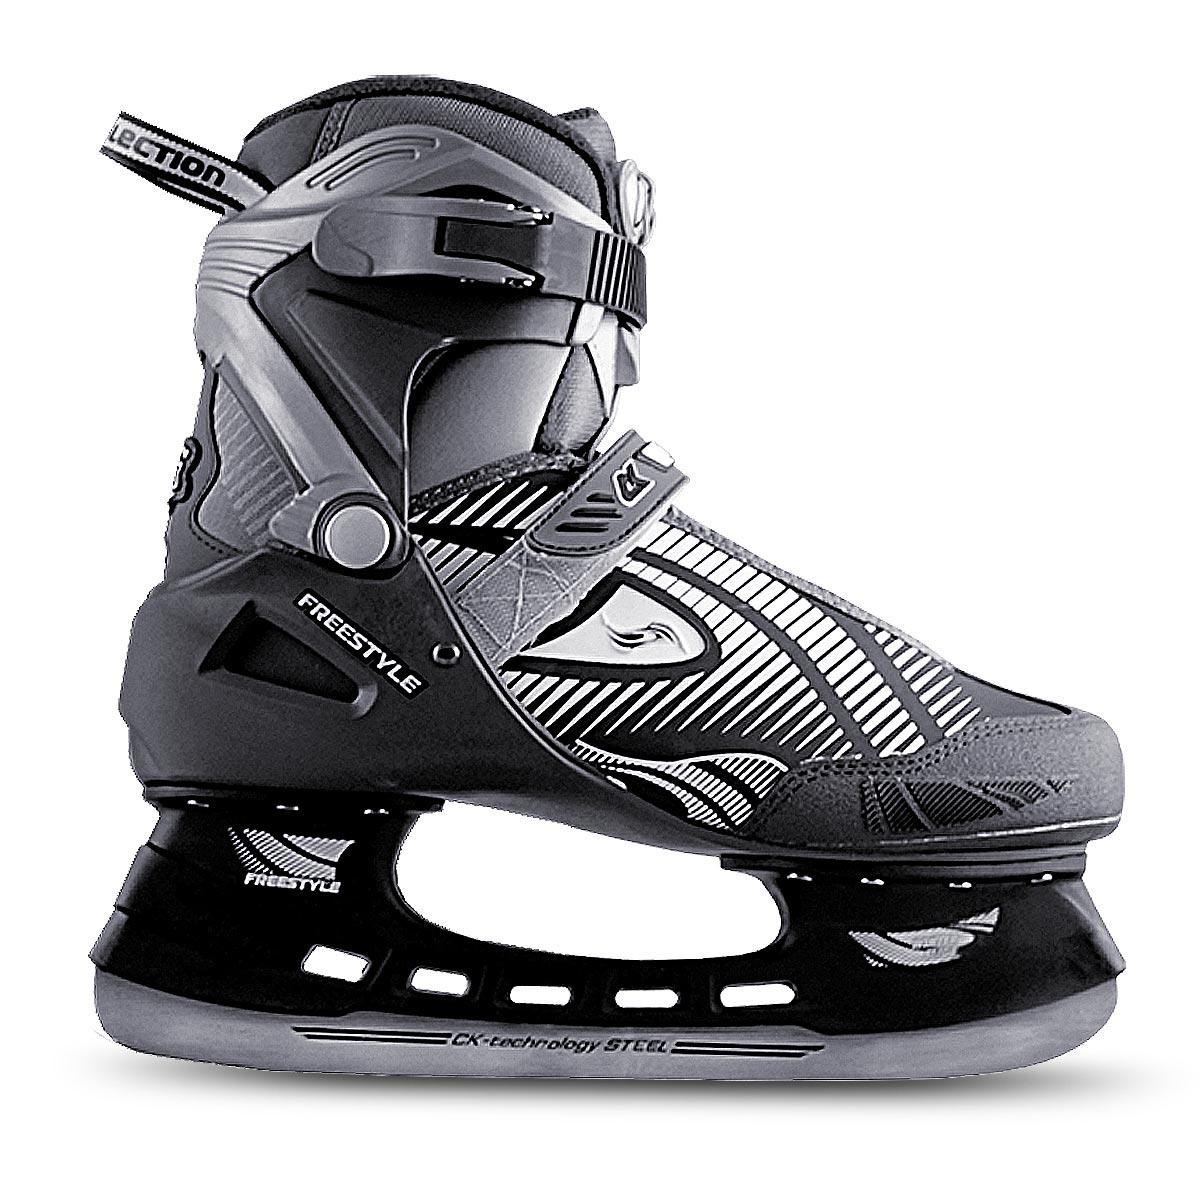 Коньки хоккейные мужские СК Freestyle, цвет: серый, черный. Размер 37